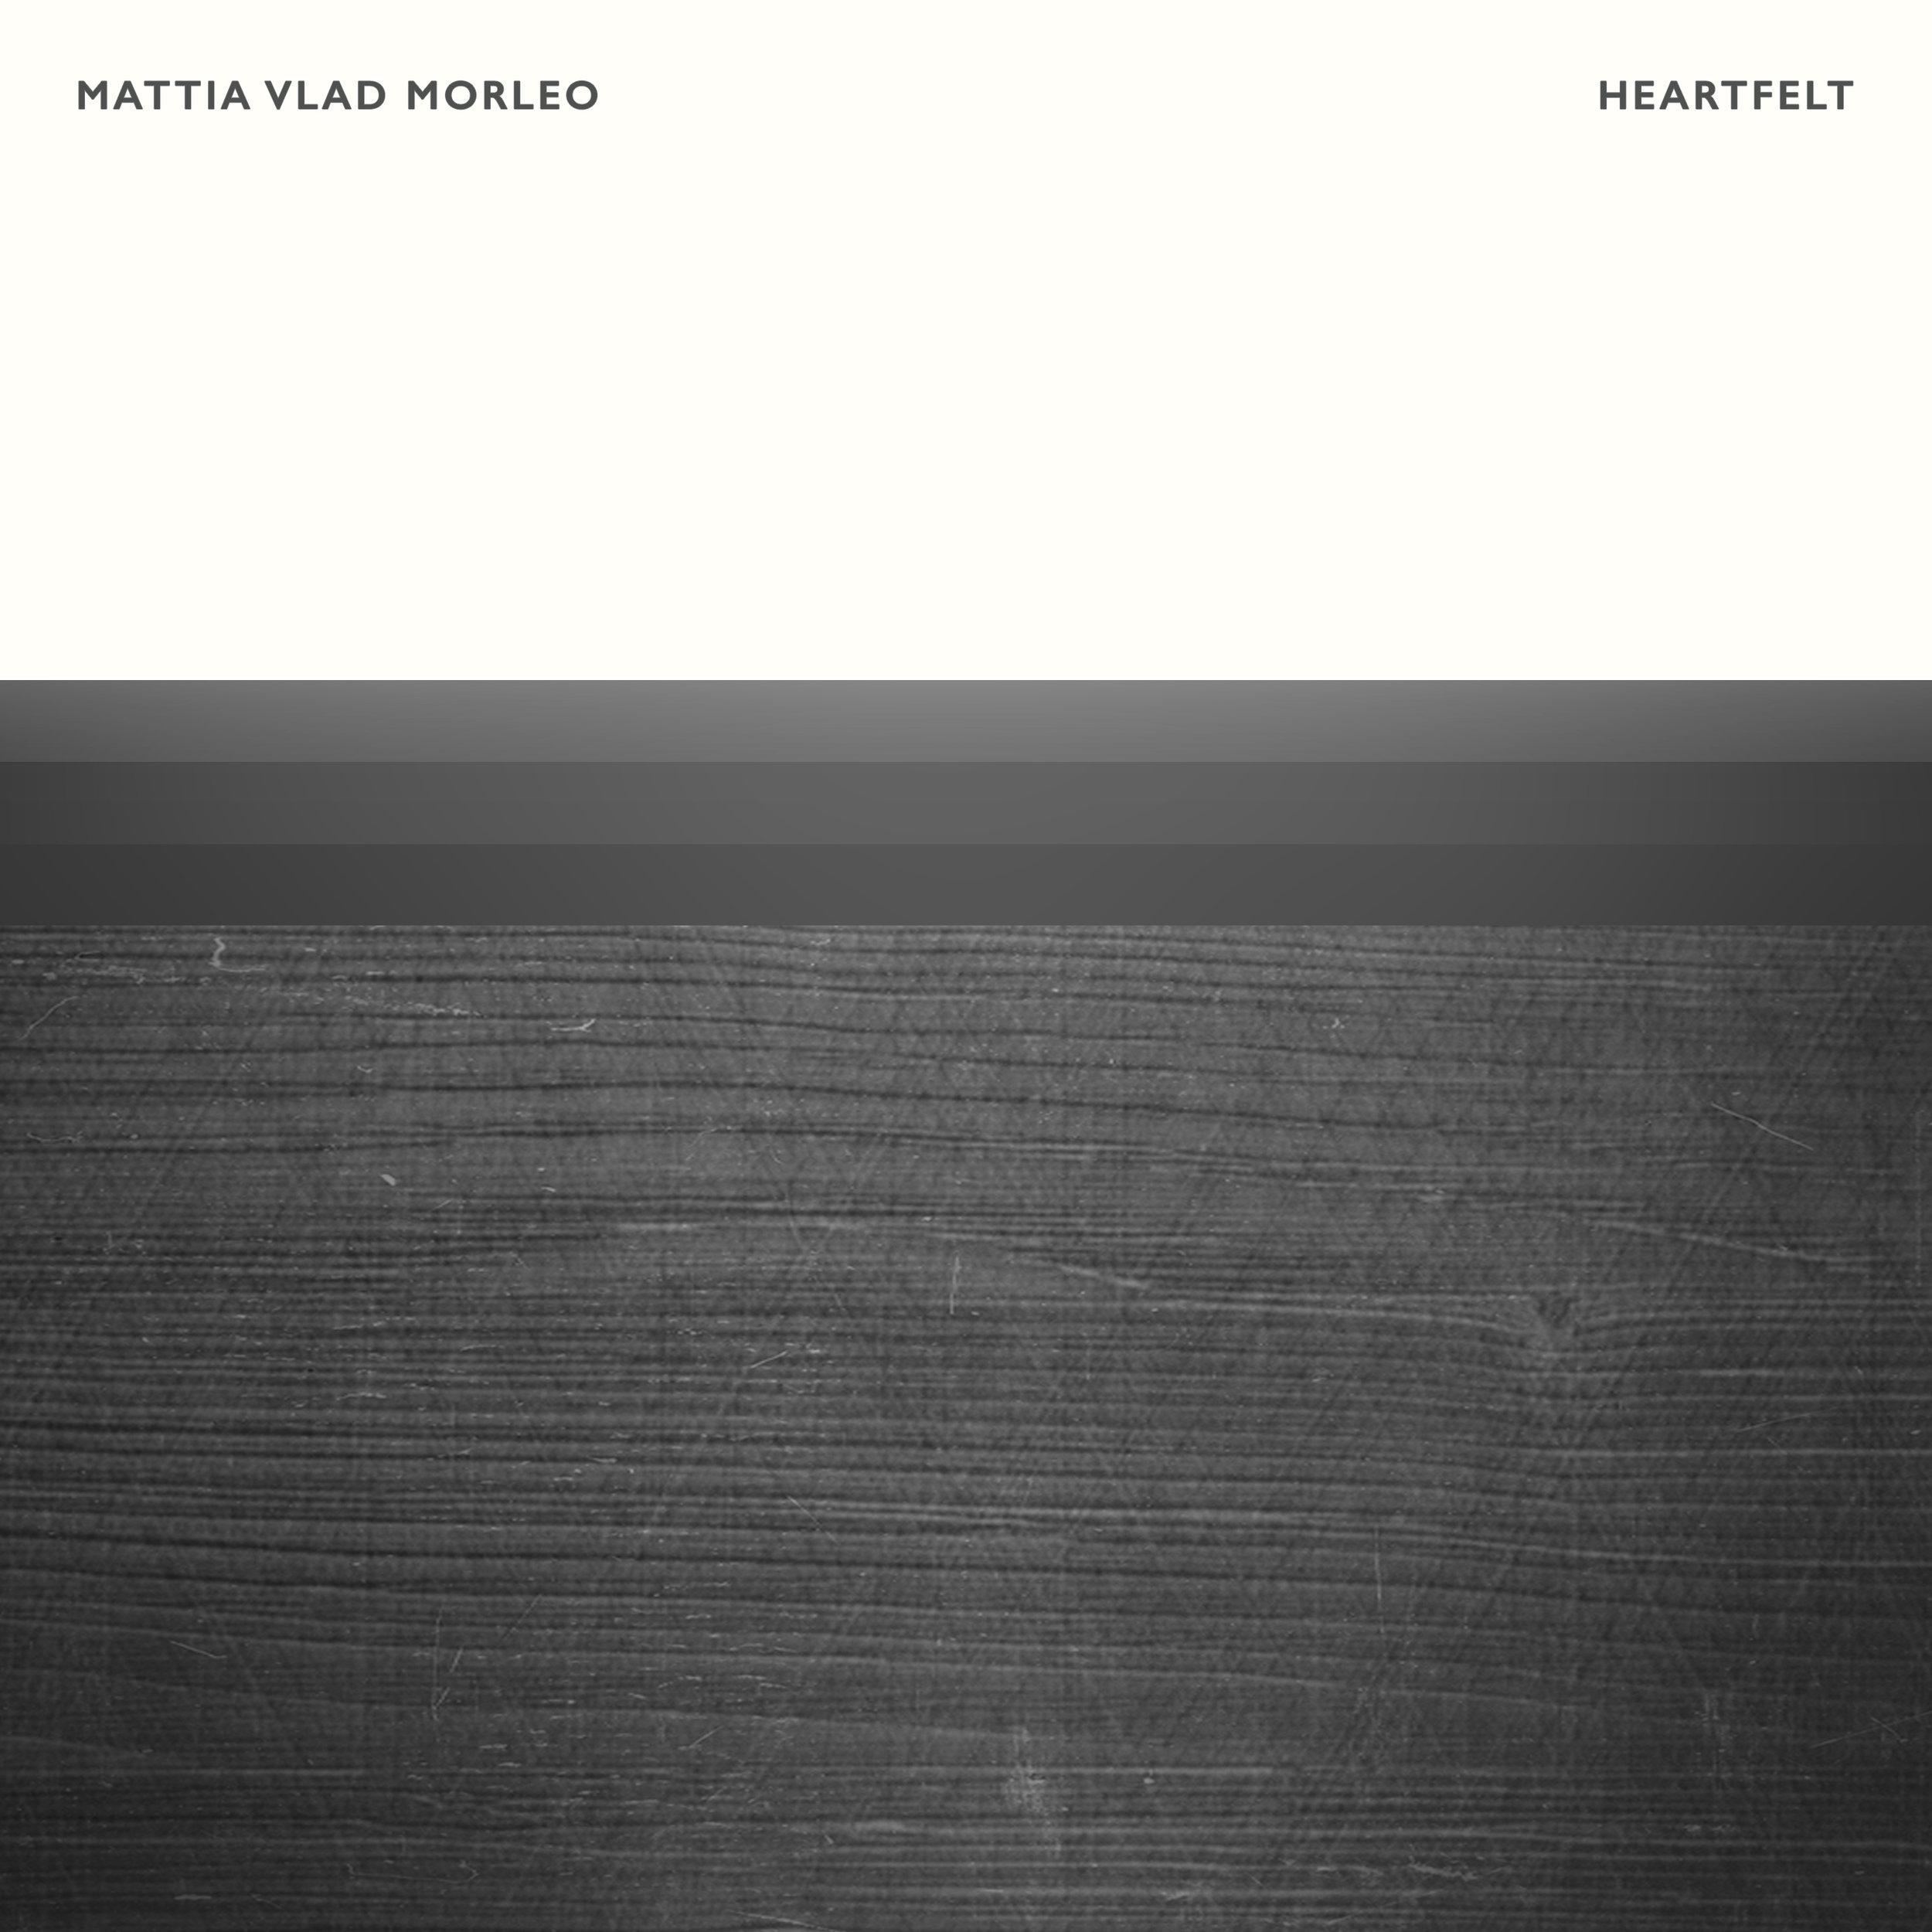 Mattia Vlad Morleo - Heartfelt